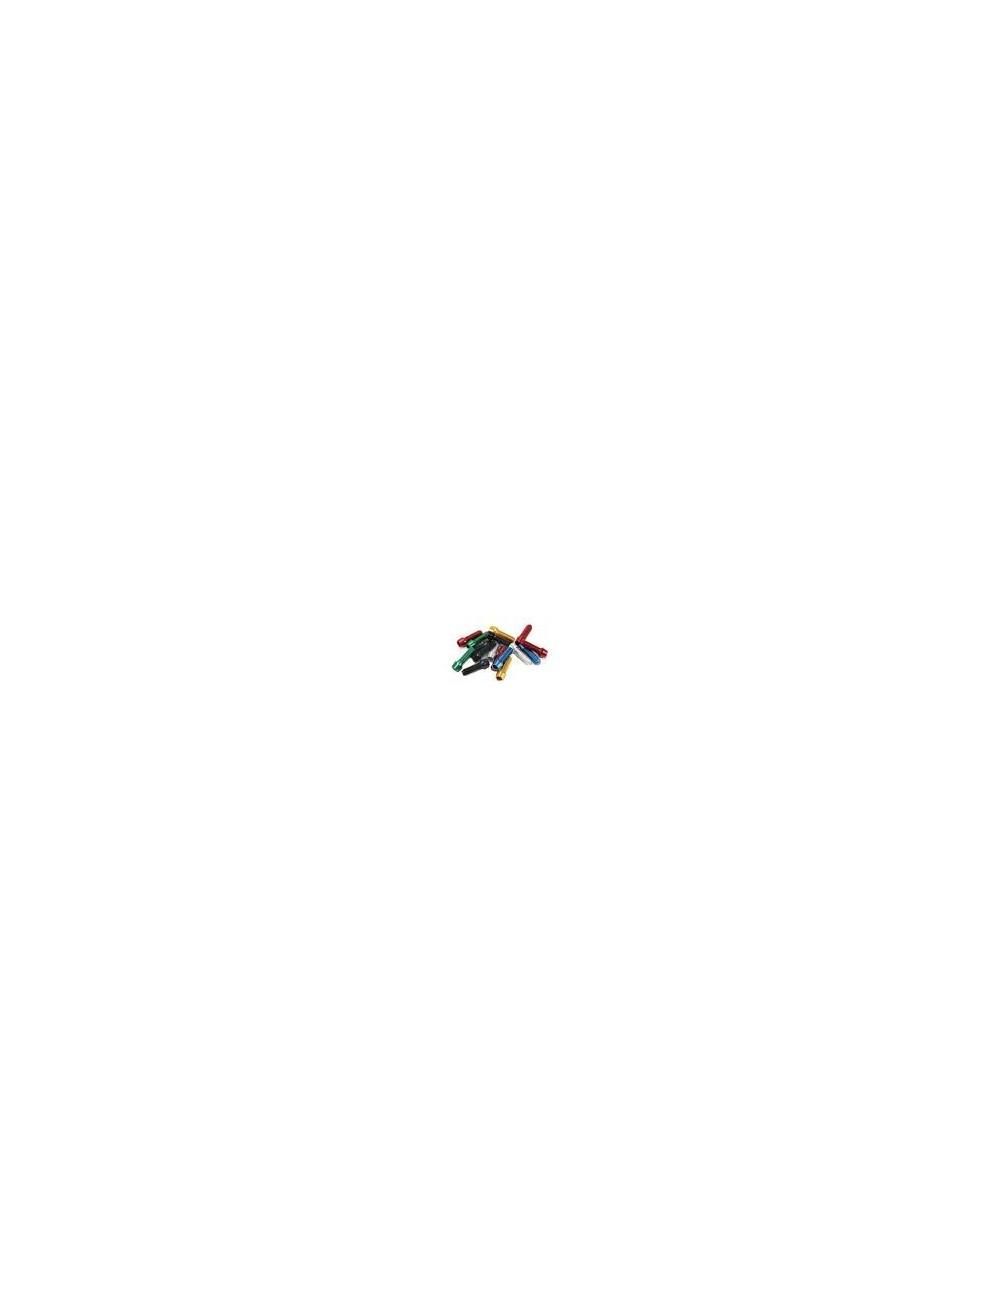 PARAFUSO X-LIMIT AL7075-T6 M4X15 VERDE